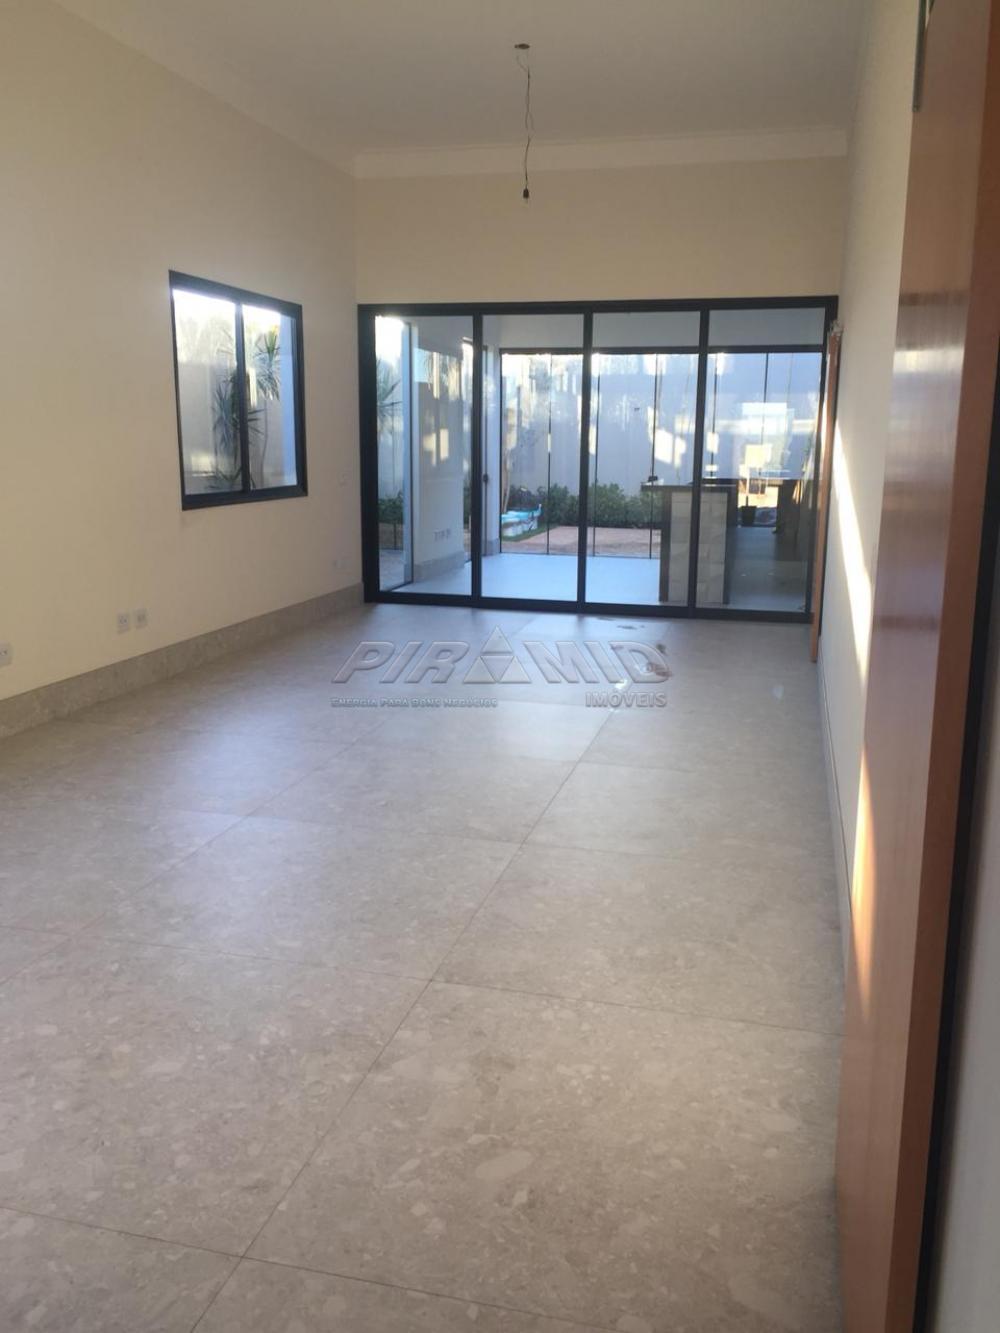 Comprar Casa / Condomínio em Ribeirão Preto apenas R$ 980.000,00 - Foto 4